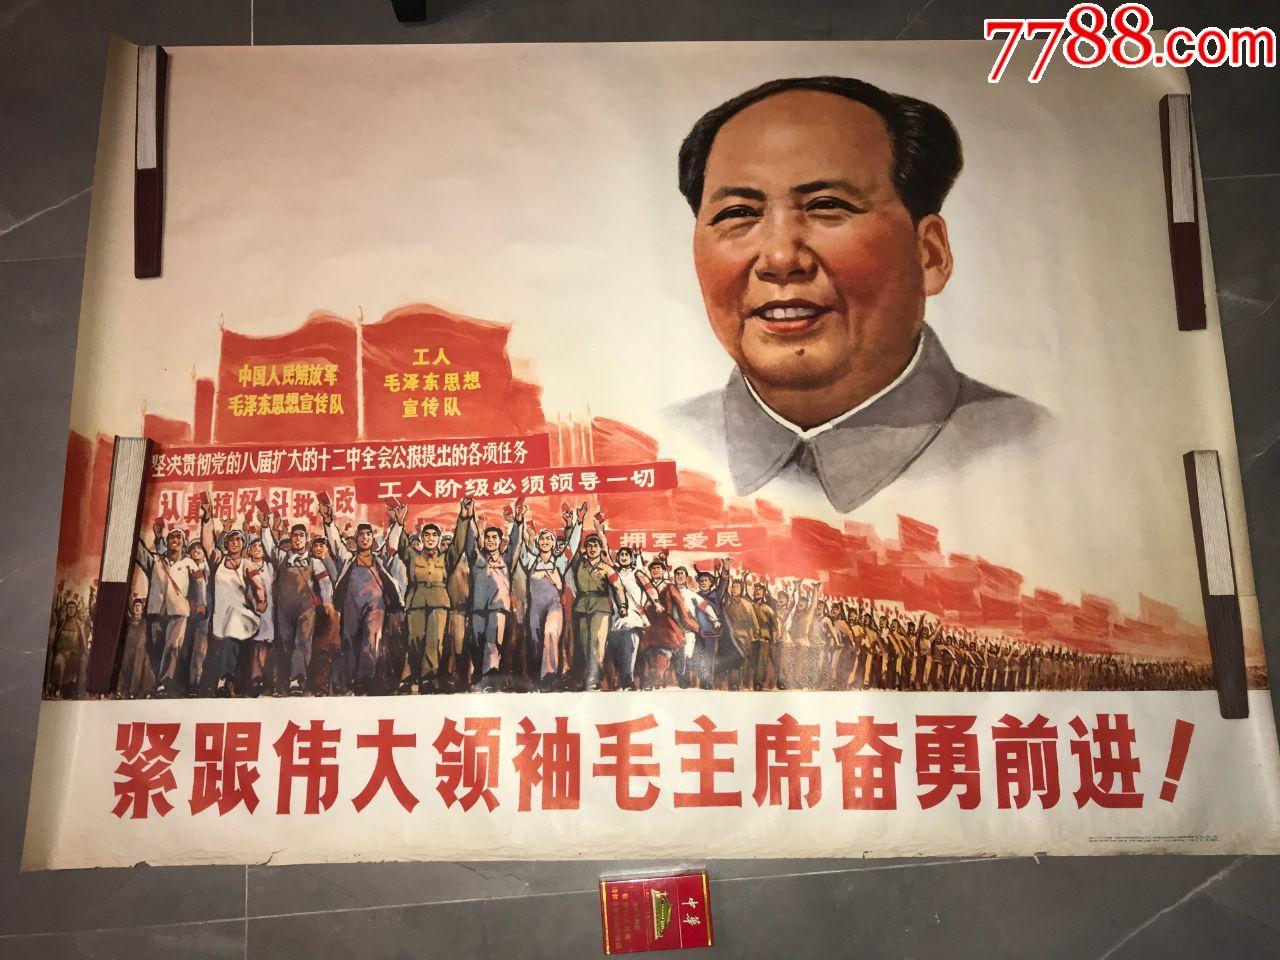 大文革全开宣传画,紧跟伟大领袖毛主席奋勇前进,右侧两处小裂口,下边缘一点褶皱(au21060166)_